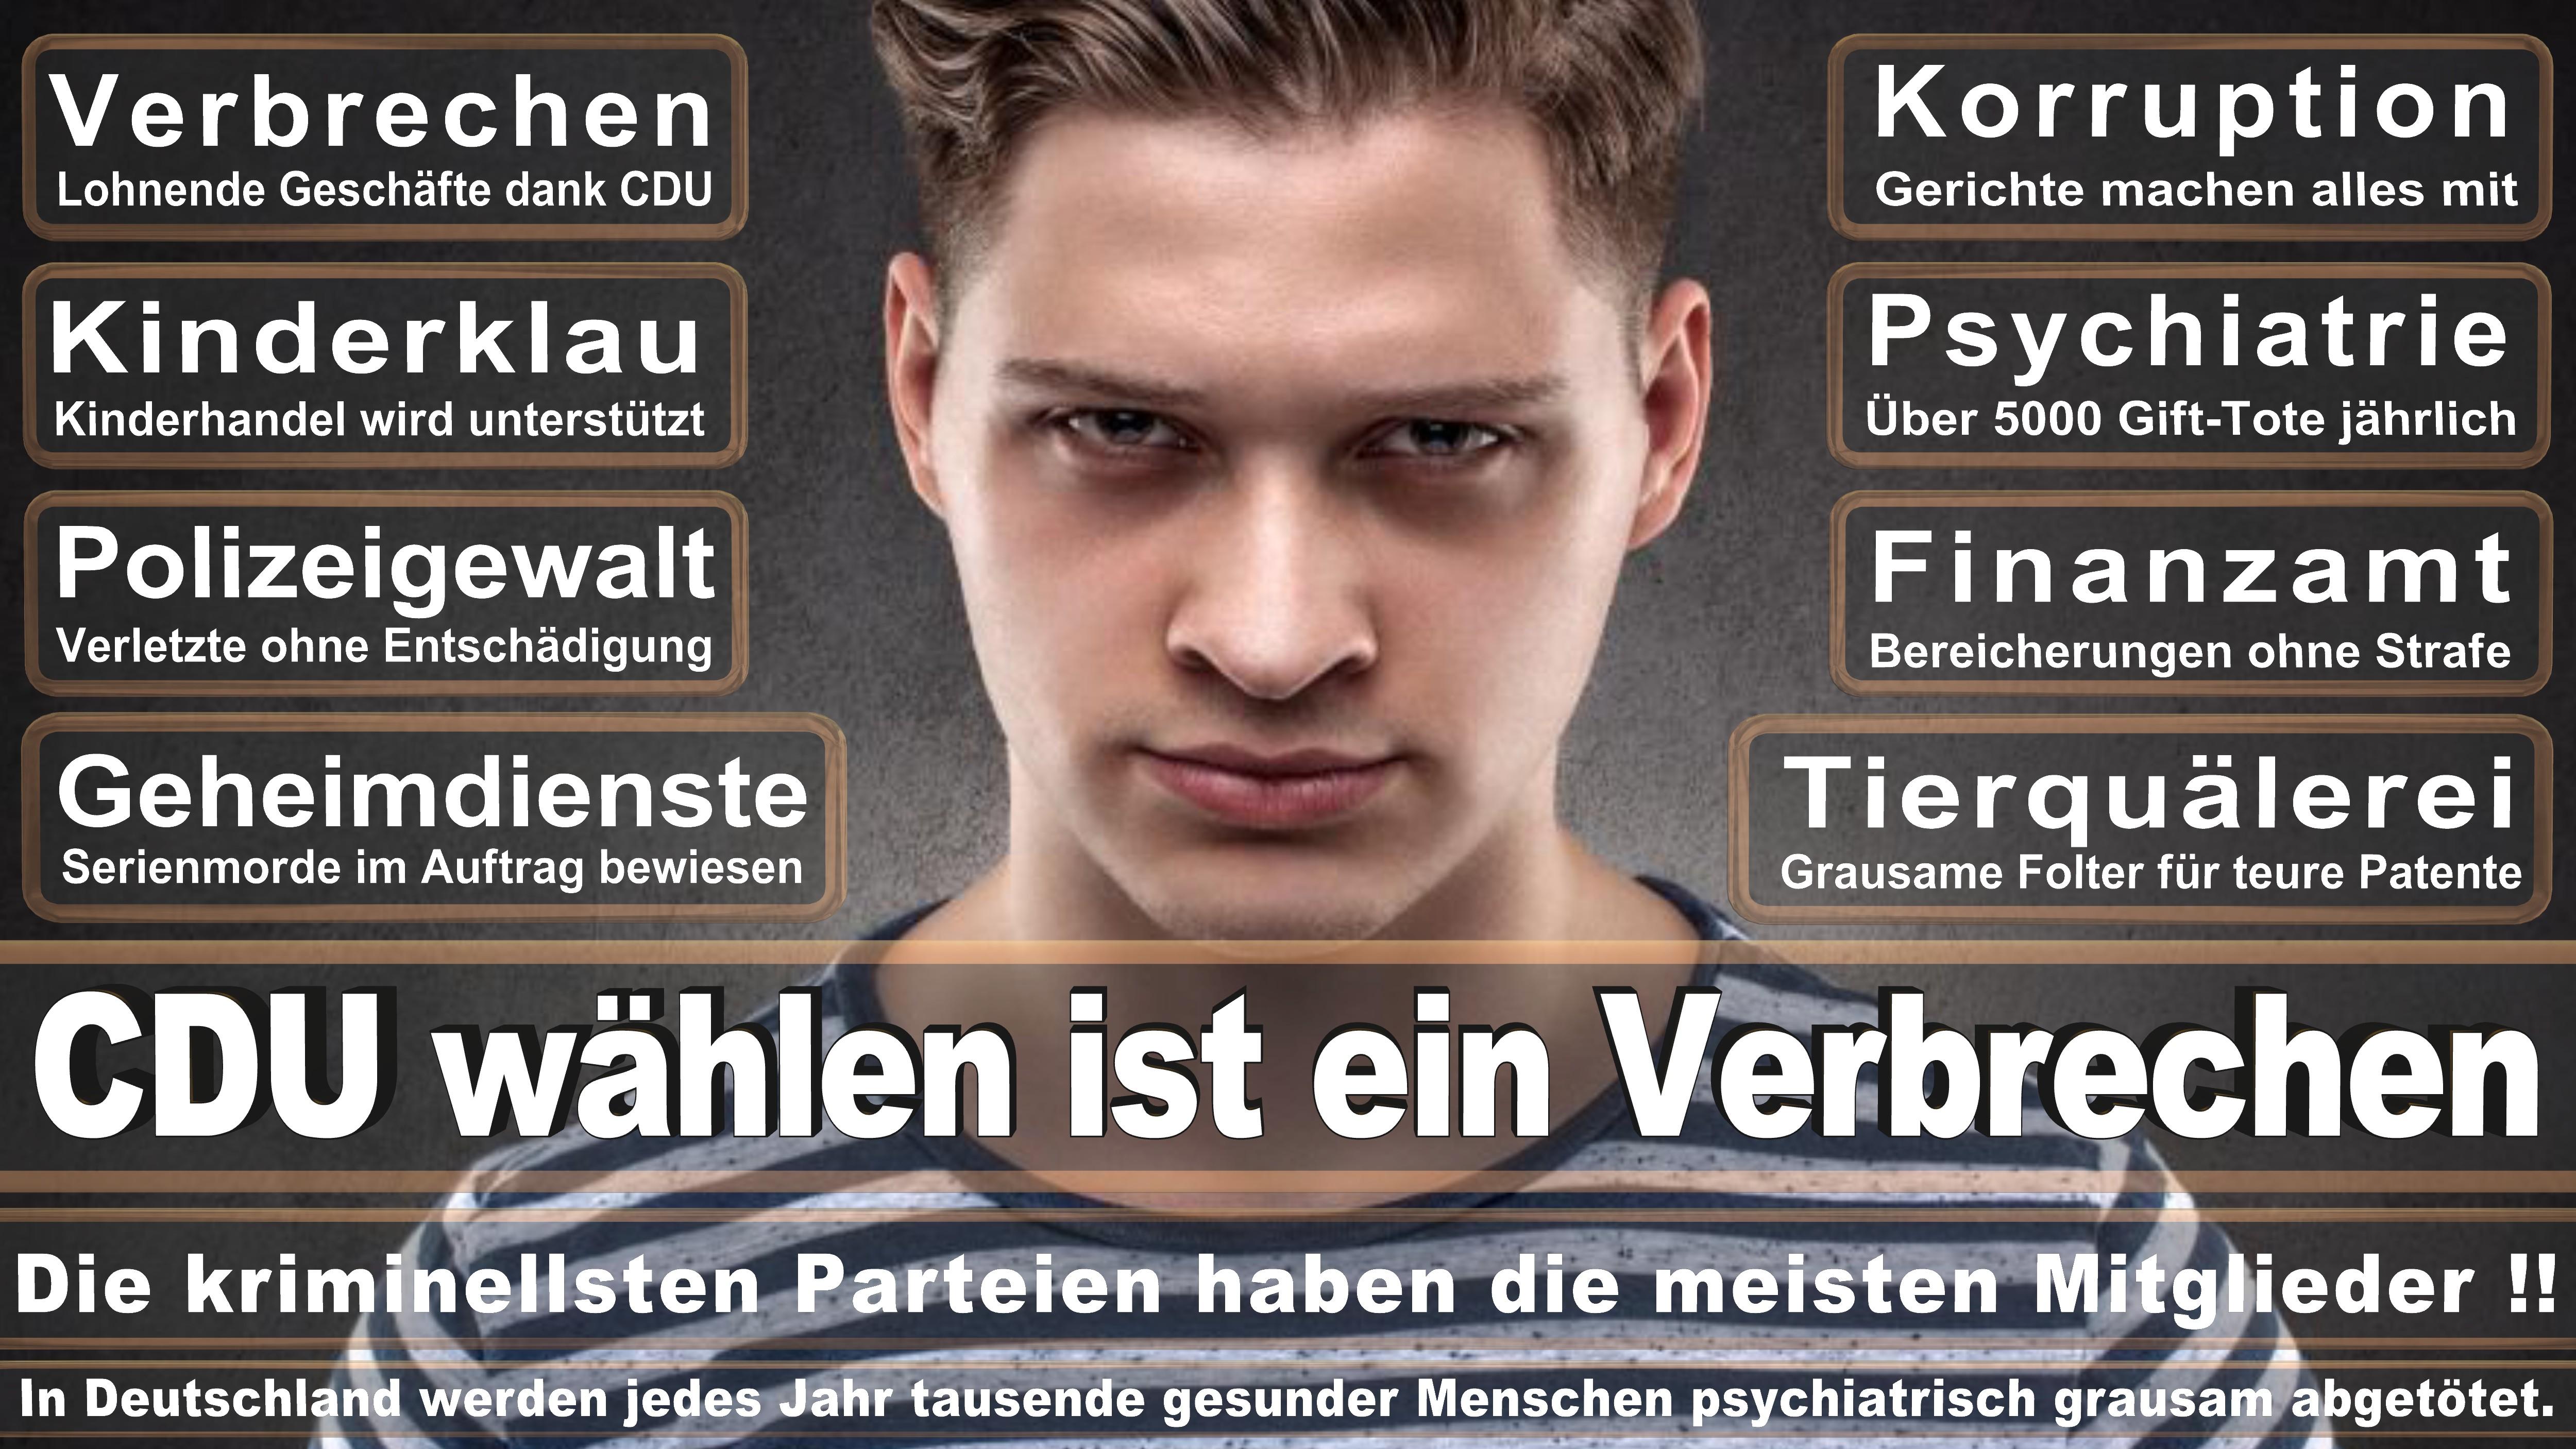 CDU, BIELEFELD, RATSMITGLIEDER, VORSTAND, ORTSVERBAND, MITGLIEDER (60)